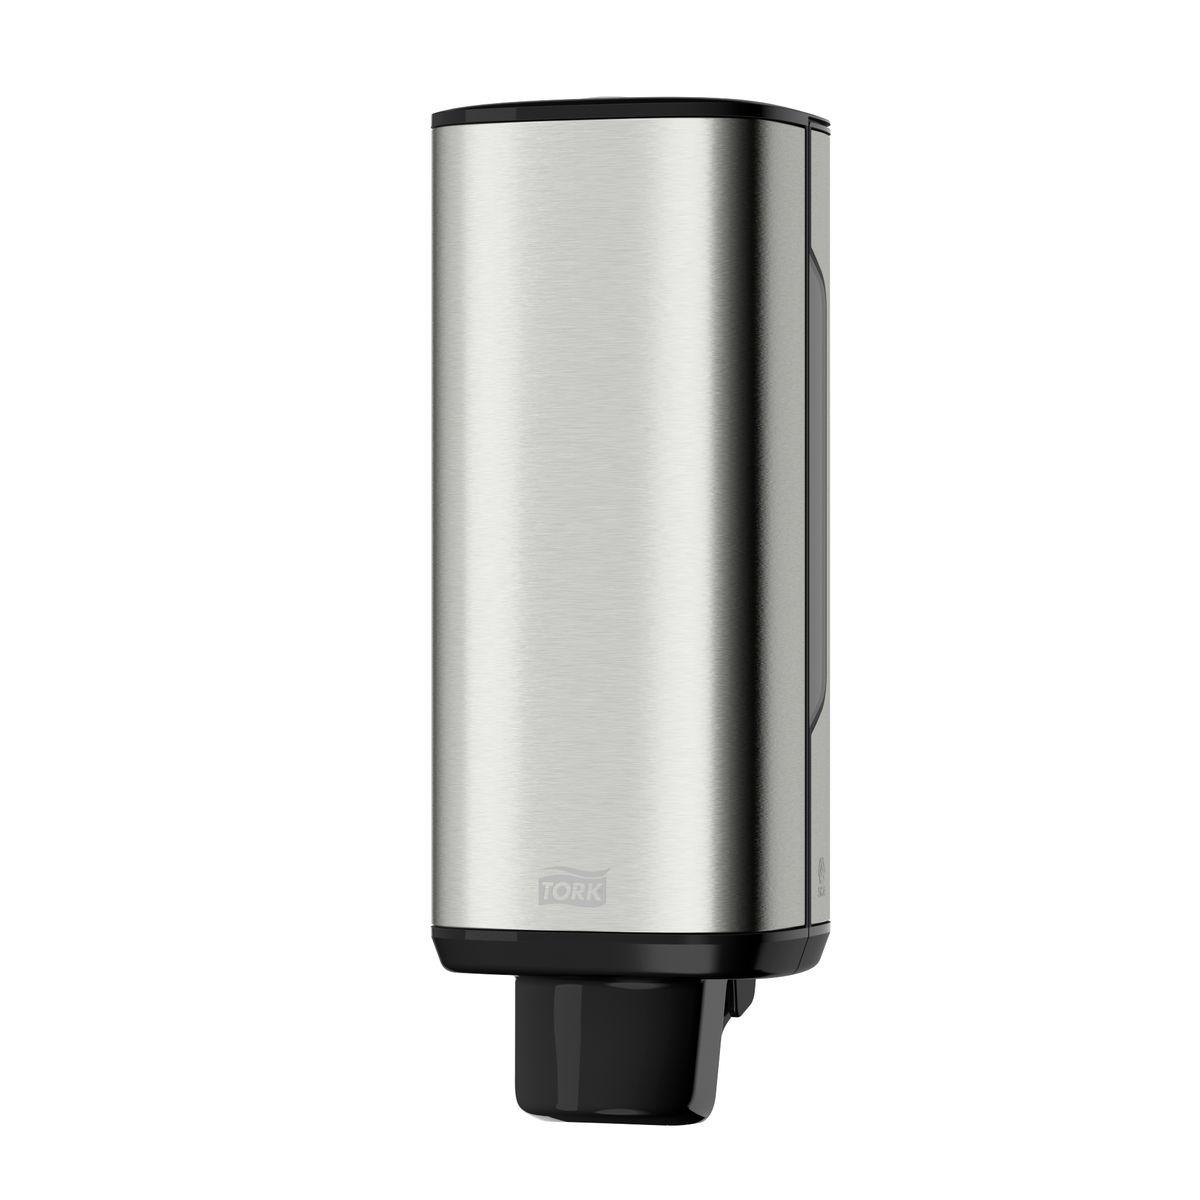 Диспенсер для мыла Tork, цвет: металл. 460010PANTERA SPX-2RSСистема S4 - Жидкое Мыло-пенаВысочайший уровень гигиены благодаря одноразовым картриджам.В диспенсерах есть возможность закрепить визитную карточку.Диспенсер одобрен шведской ассоциацией ревматологов – доказанная простота и комфорт использования.Клавиша с плавным нажатием – обеспечивает удобное и безопасное мытье рук.